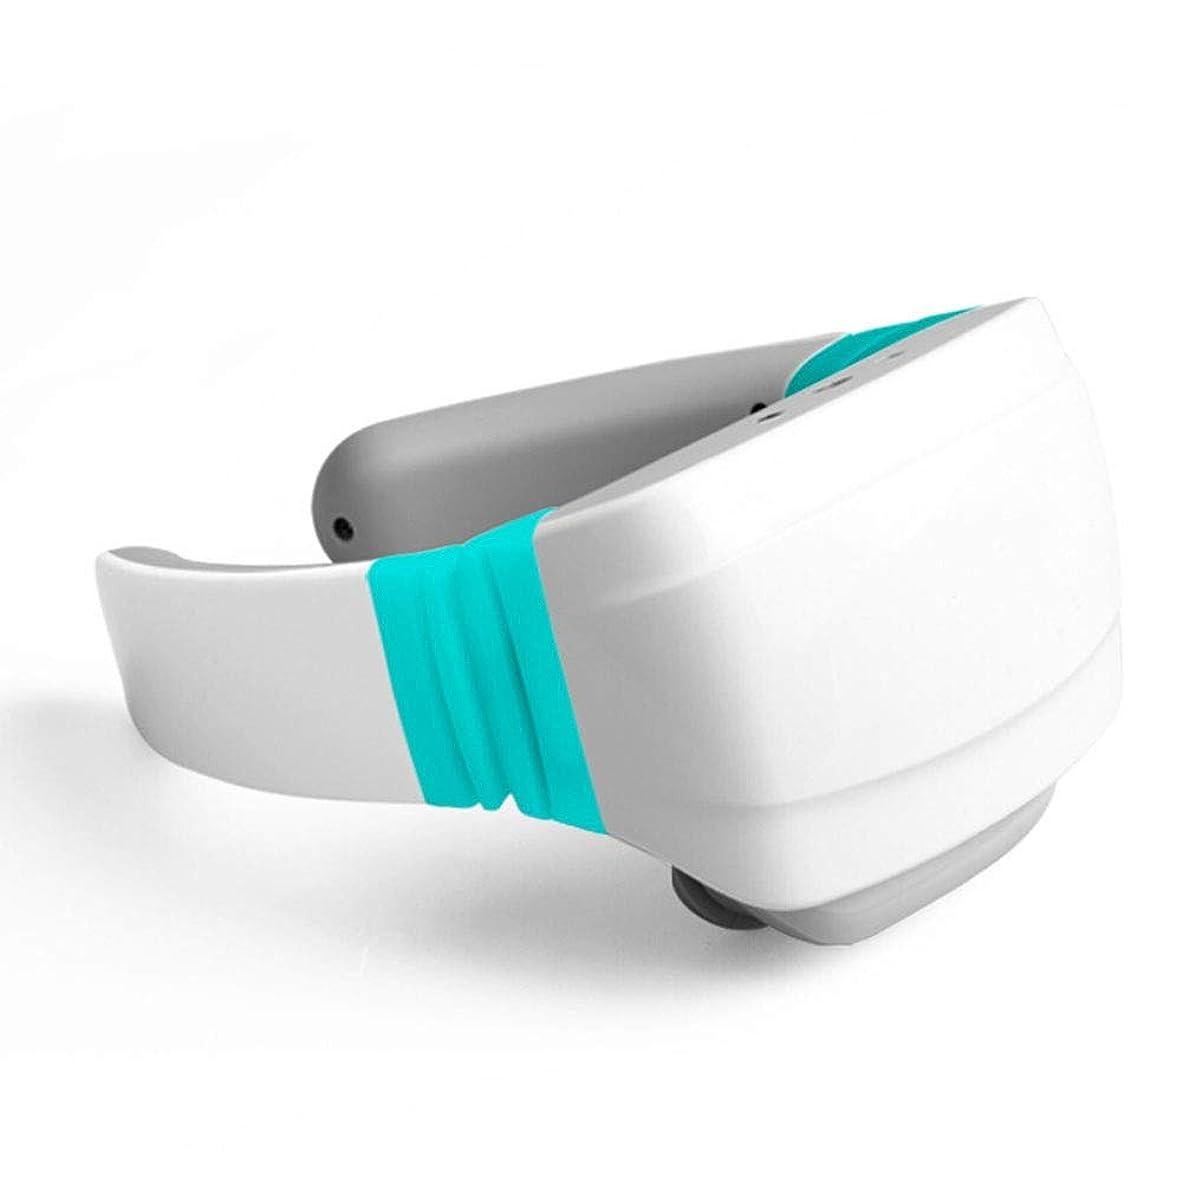 補助に向けて出発実験室電気首マッサージャーヘルスケア頸部器具充電パッチマッサージワイヤレスリモコン (色 : 白, サイズ : ワンサイズ)